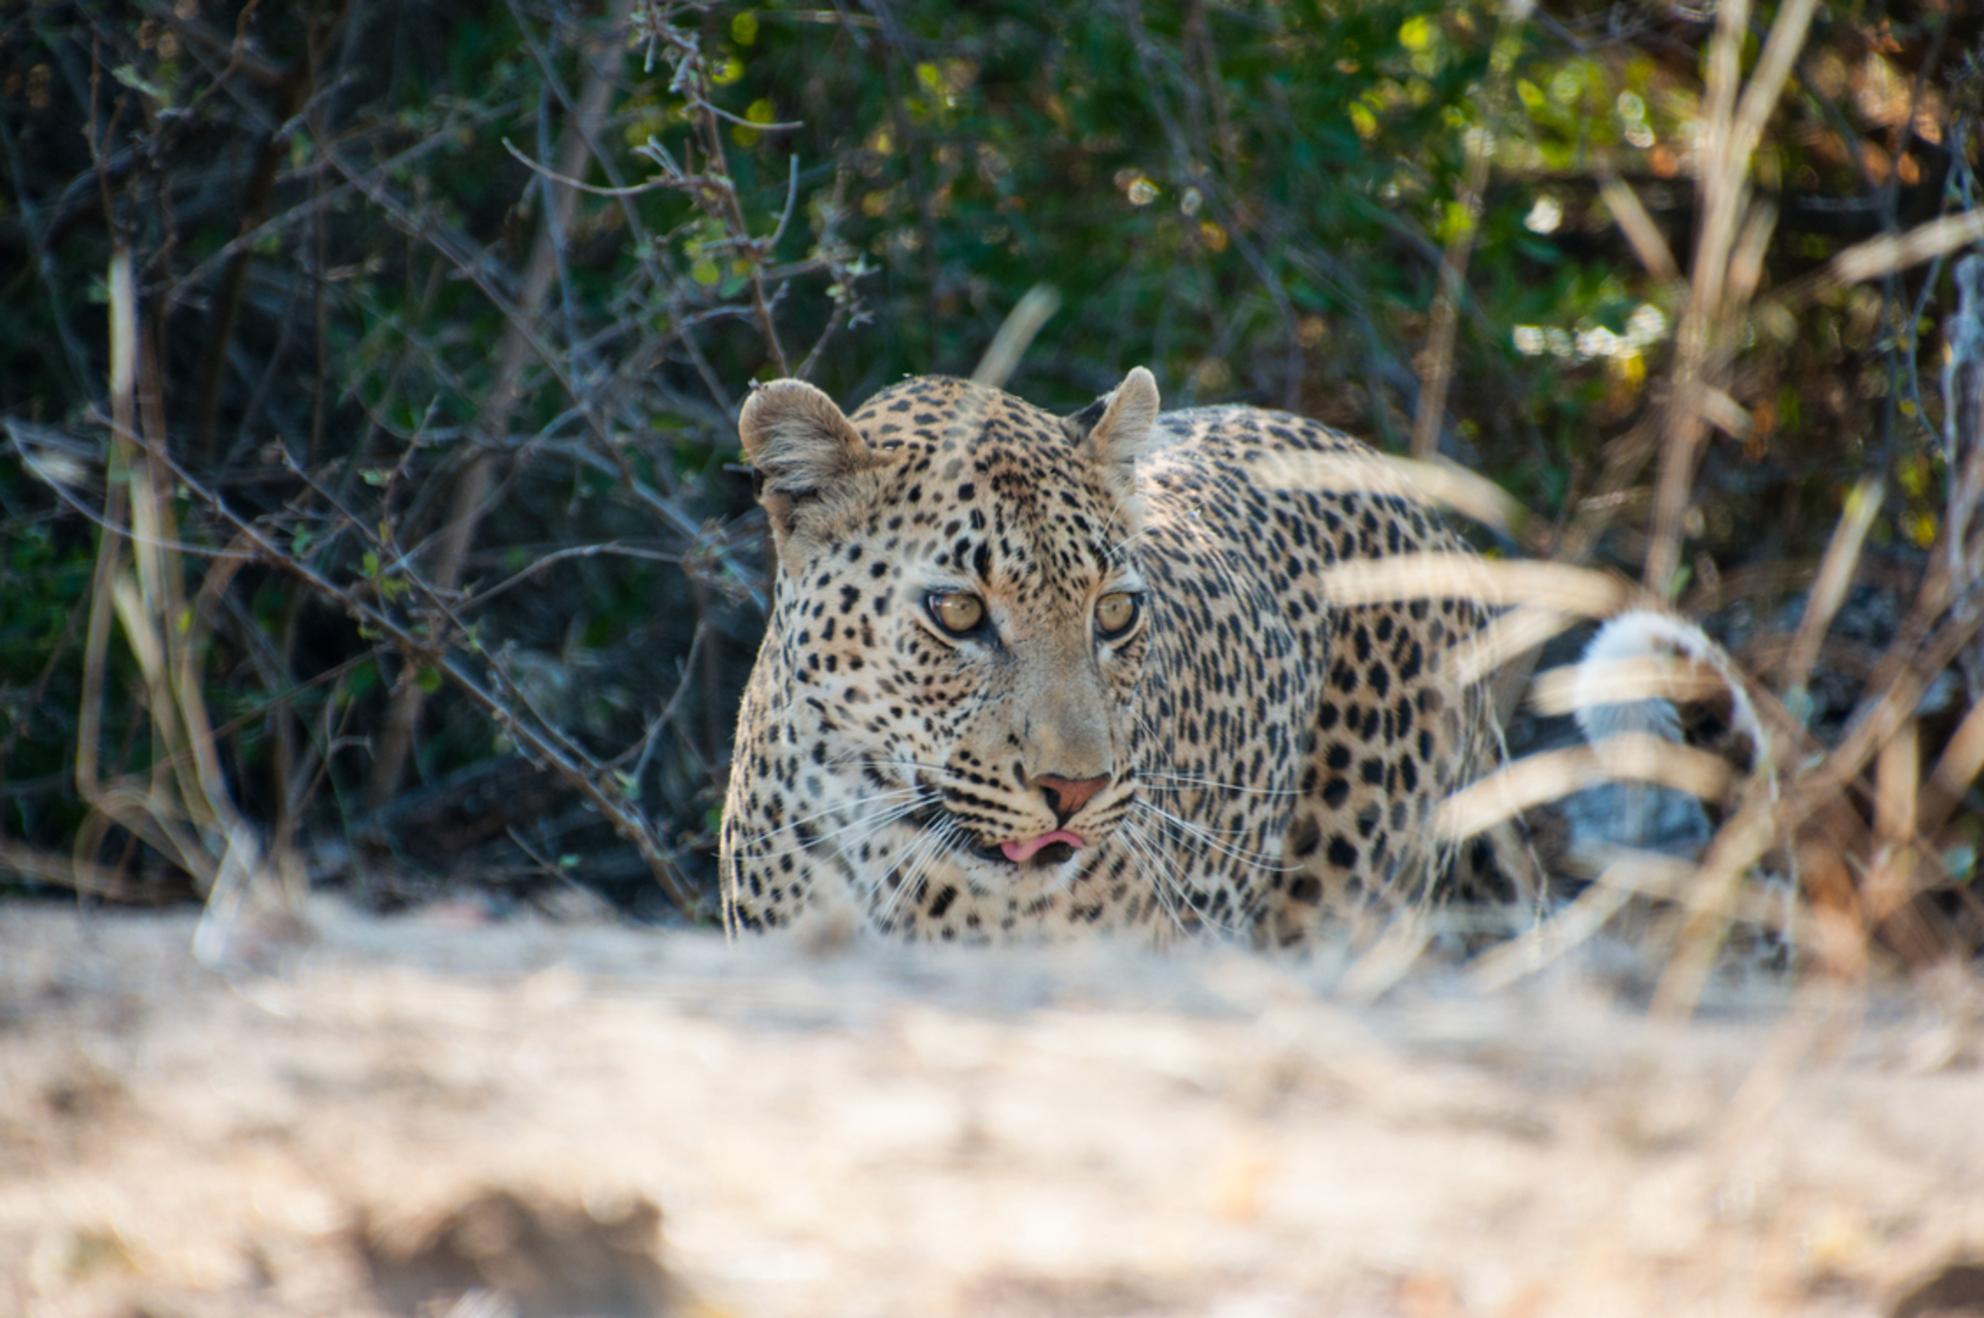 Hier kom ik - Een klein stukje deze luipaard kunnen volgen die plots de bosjes uit kwam lopen en vlak achter de auto overstak naar de andere kant van de weg. Kruge - foto door markesch op 07-12-2016 - deze foto bevat: natuur, dieren, safari, nikon, afrika, wildlife, luipaard, sigma, zuid afrika, kruger park, 2016 - Deze foto mag gebruikt worden in een Zoom.nl publicatie